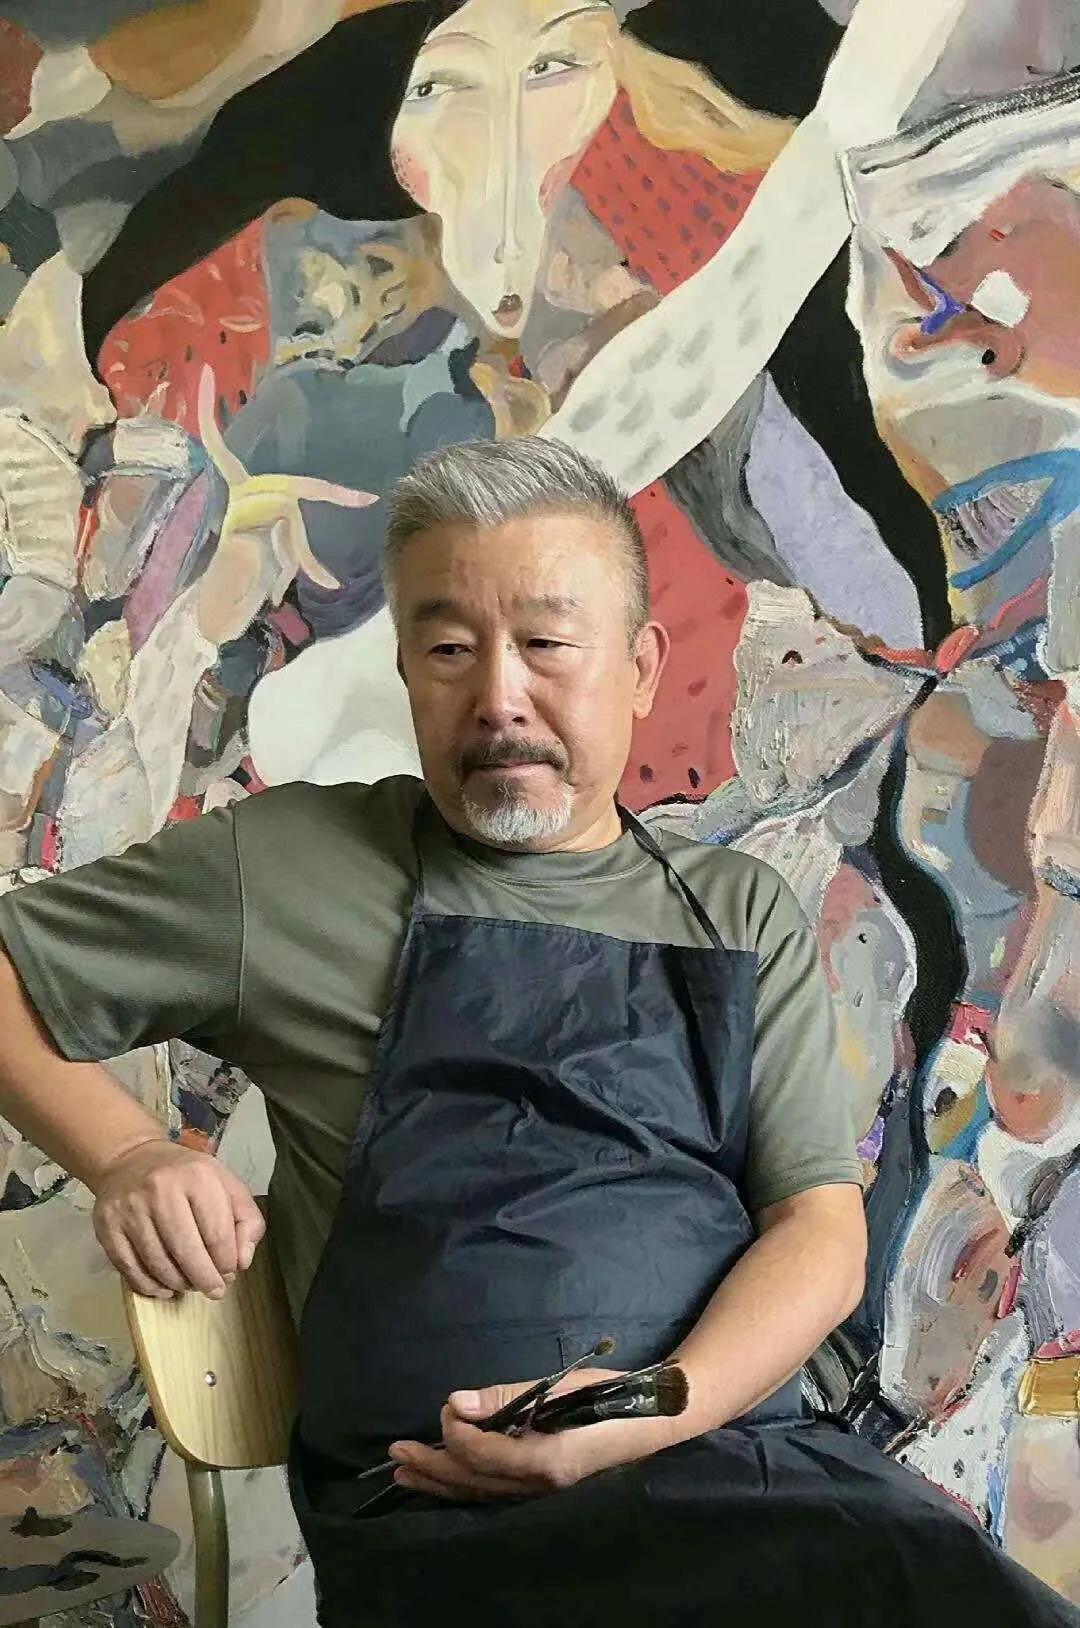 莫日根   用绘画寻找灵魂栖居之所 第1张 莫日根   用绘画寻找灵魂栖居之所 蒙古画廊